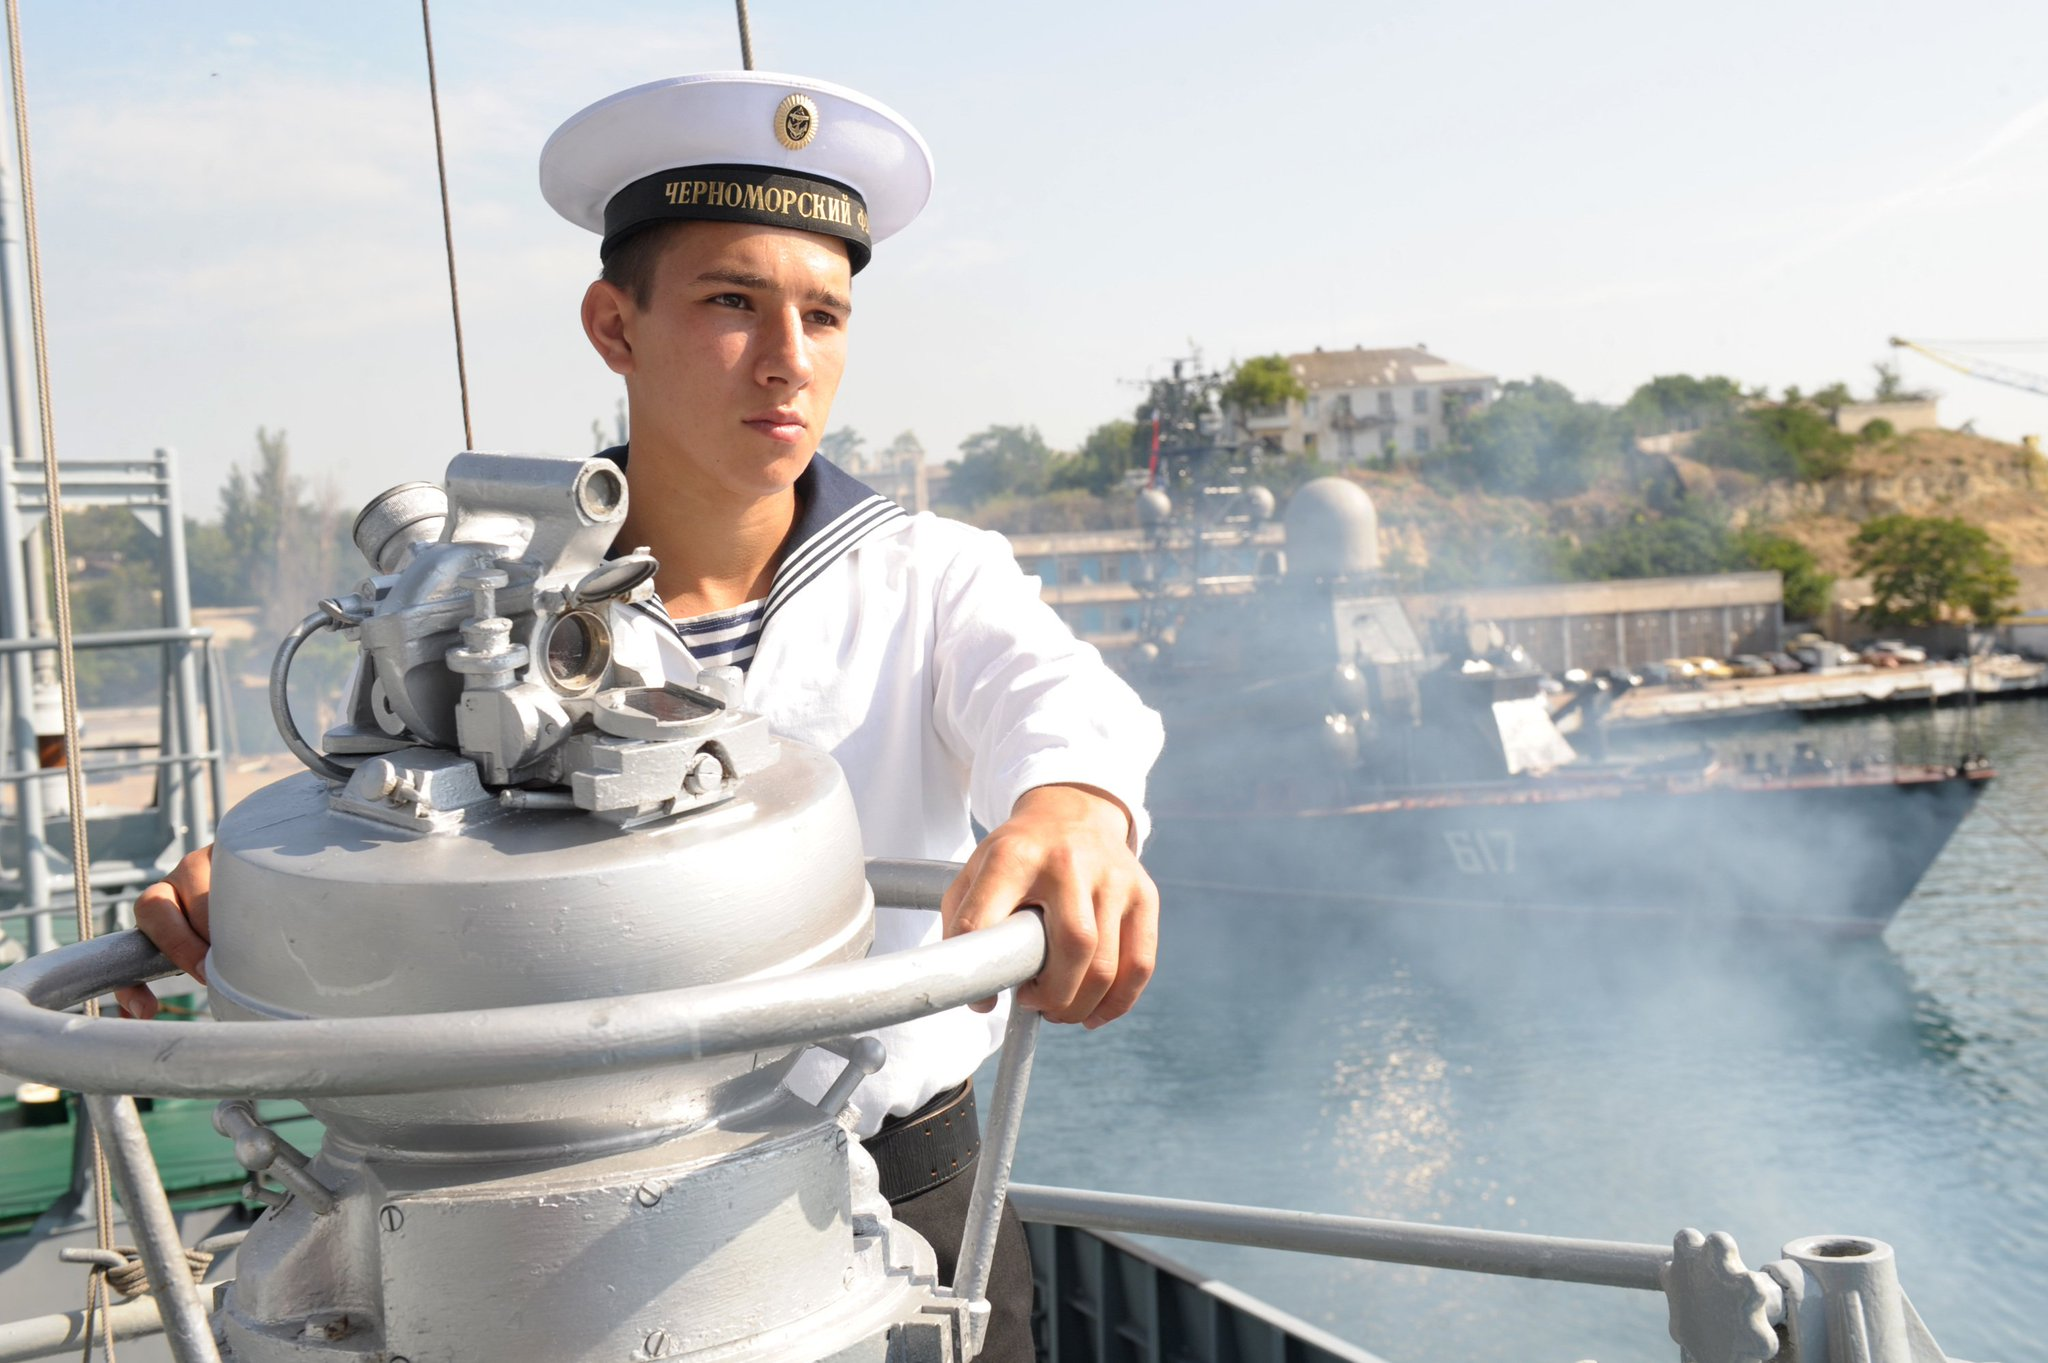 Картинки военные моряки на корабле, картинки аниме бездомный